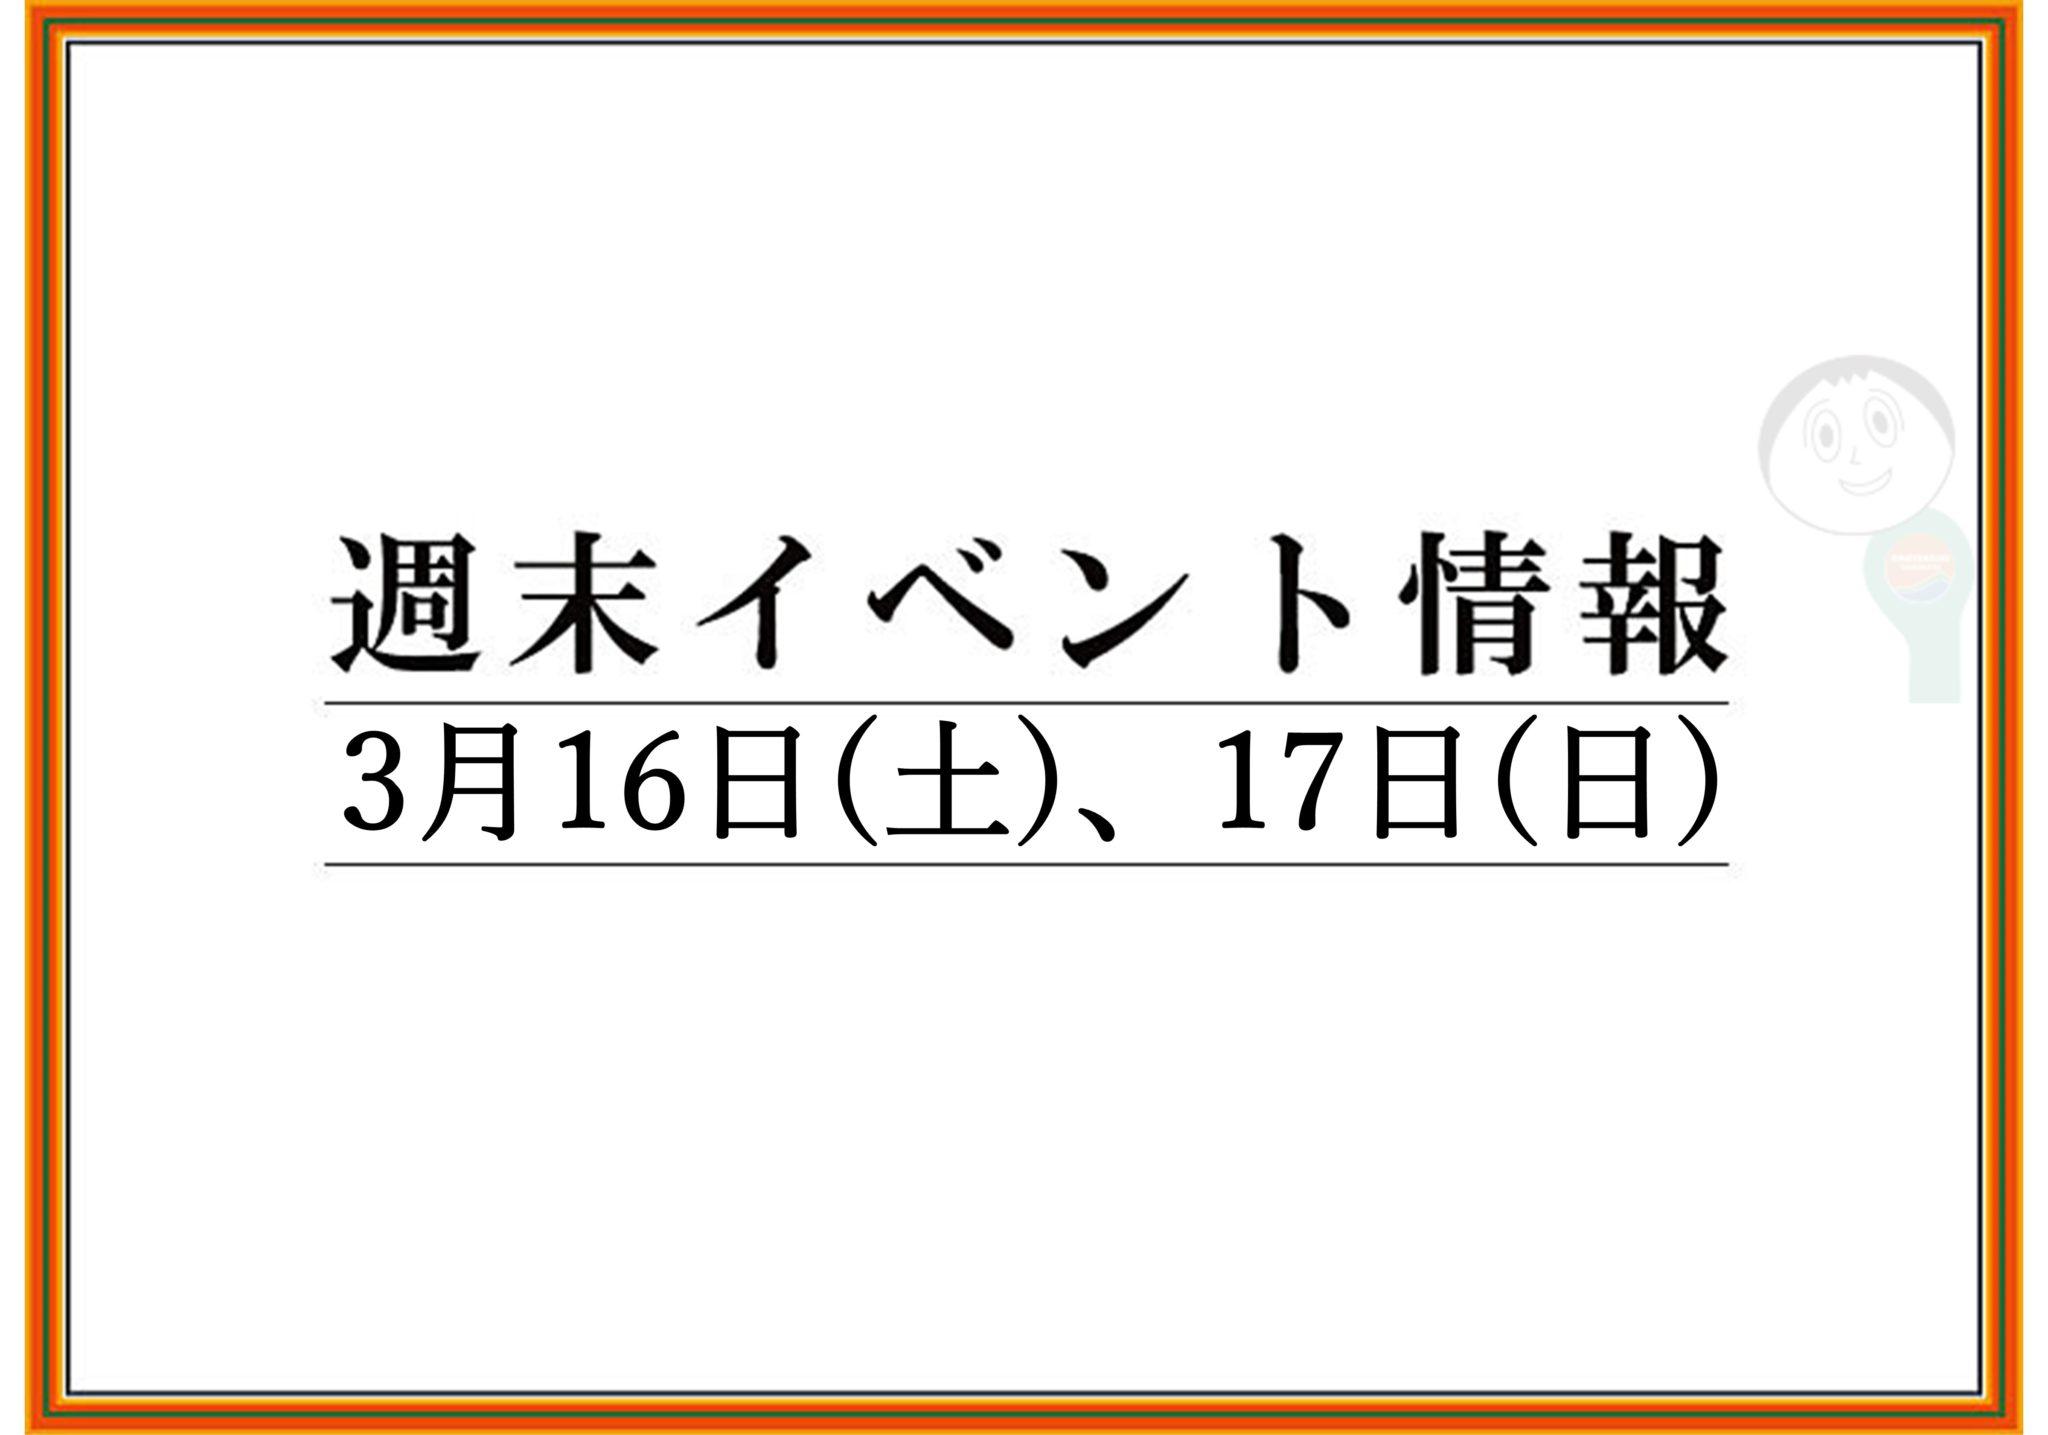 山形/上山/天童の週末イベント情報 3月16日(土),17日(日)